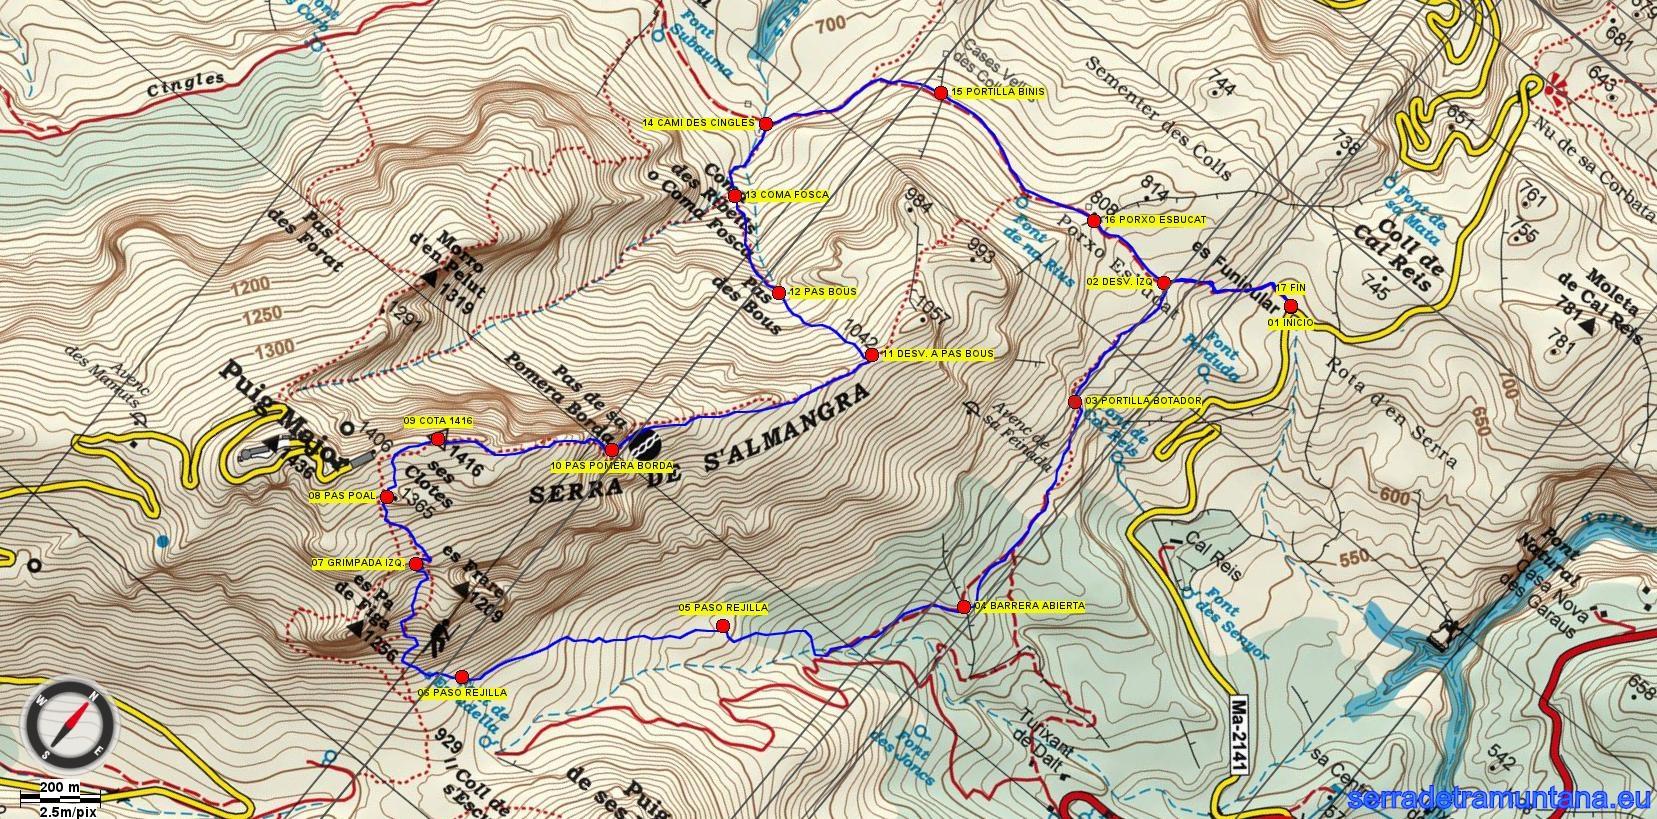 Recorte del mapa de Alpina con la ruta realizada y los puntos de interés